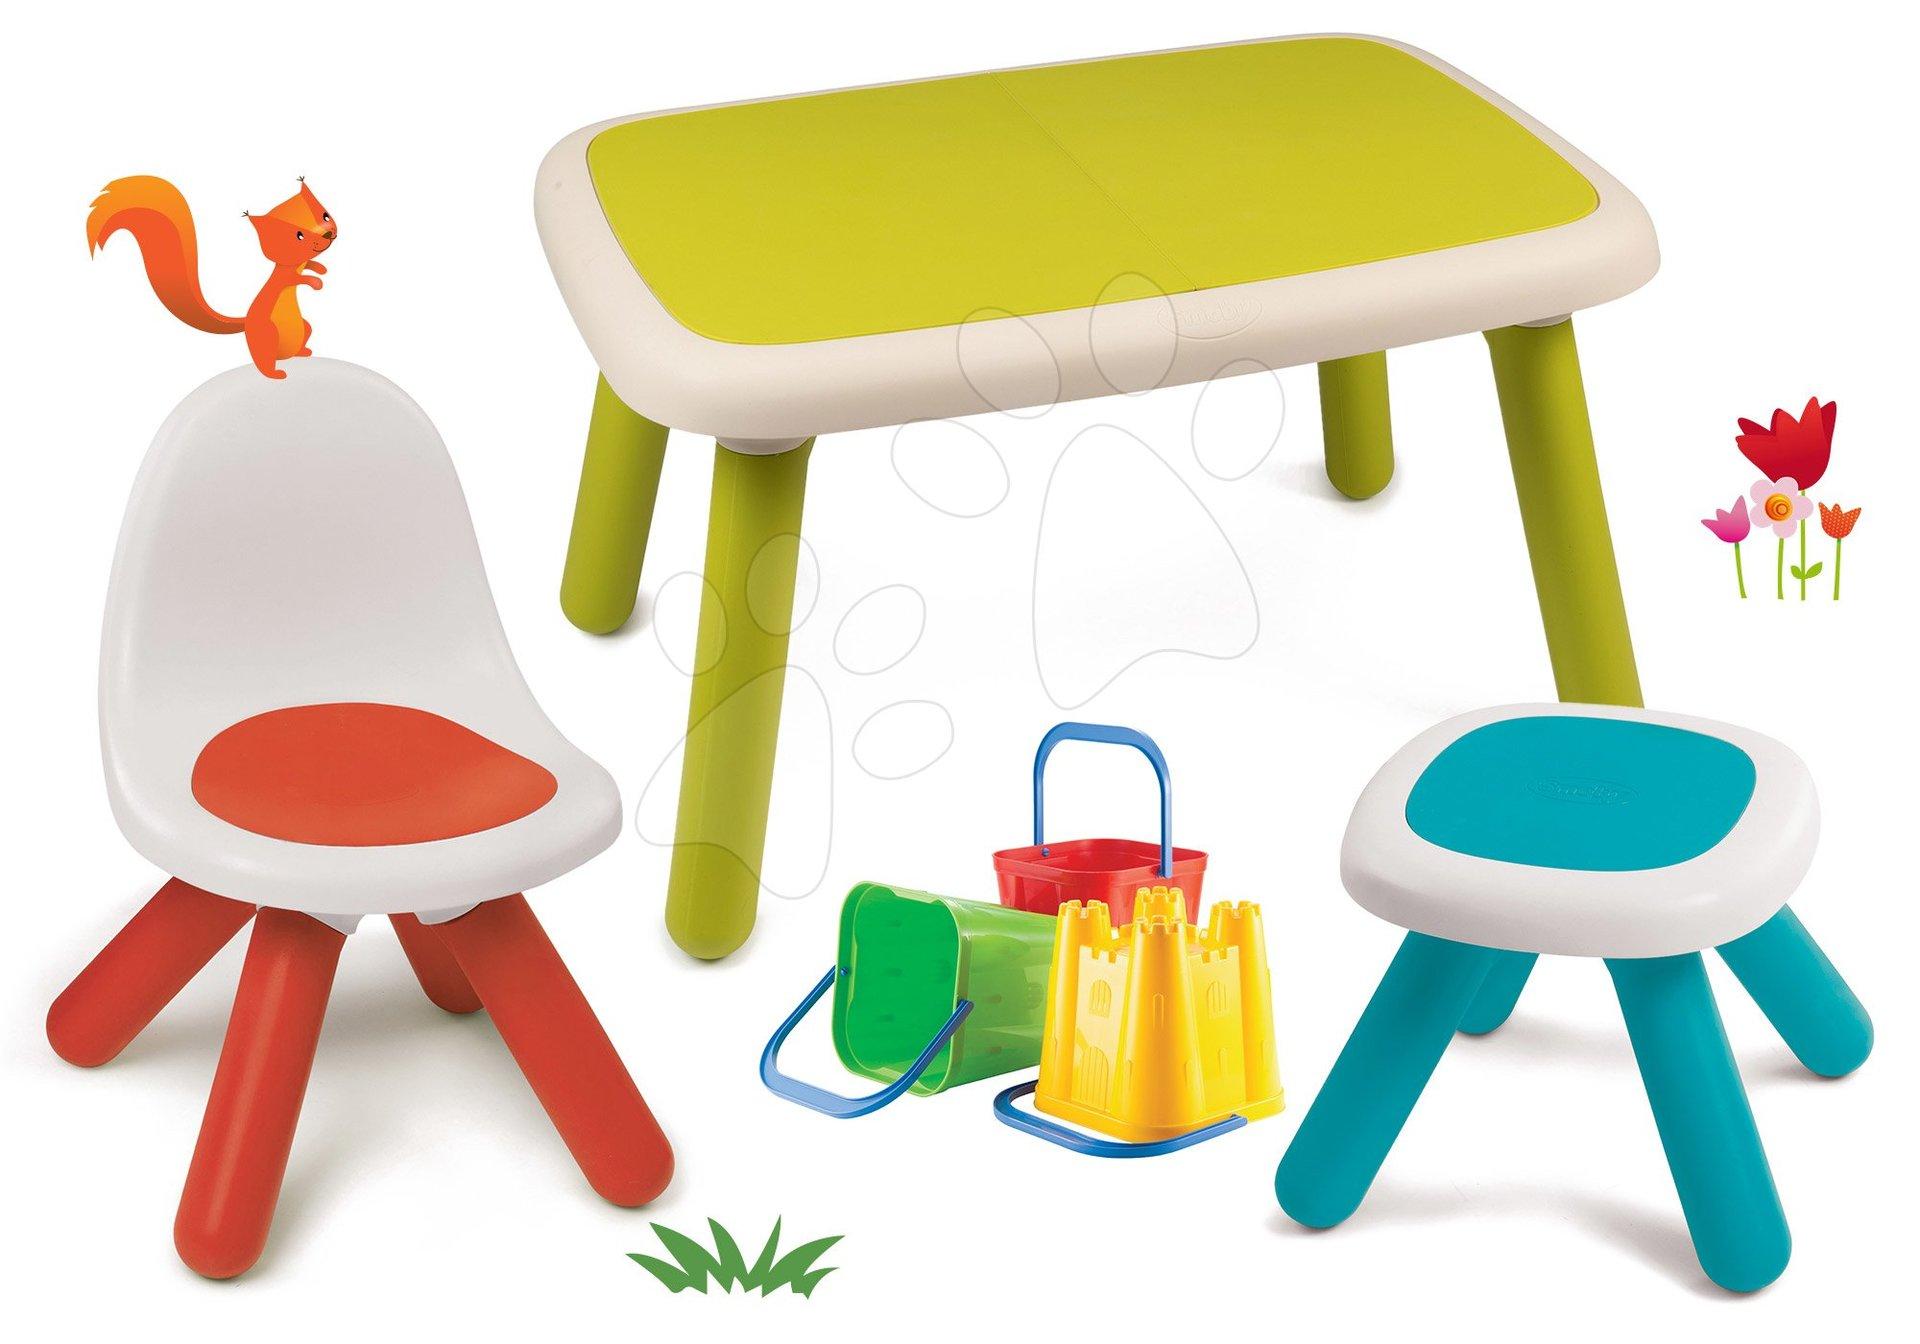 Set stôl pre deti KidTable zelený Smoby so stoličkou a stolčekom s UV filtrom s vedrom do piesku